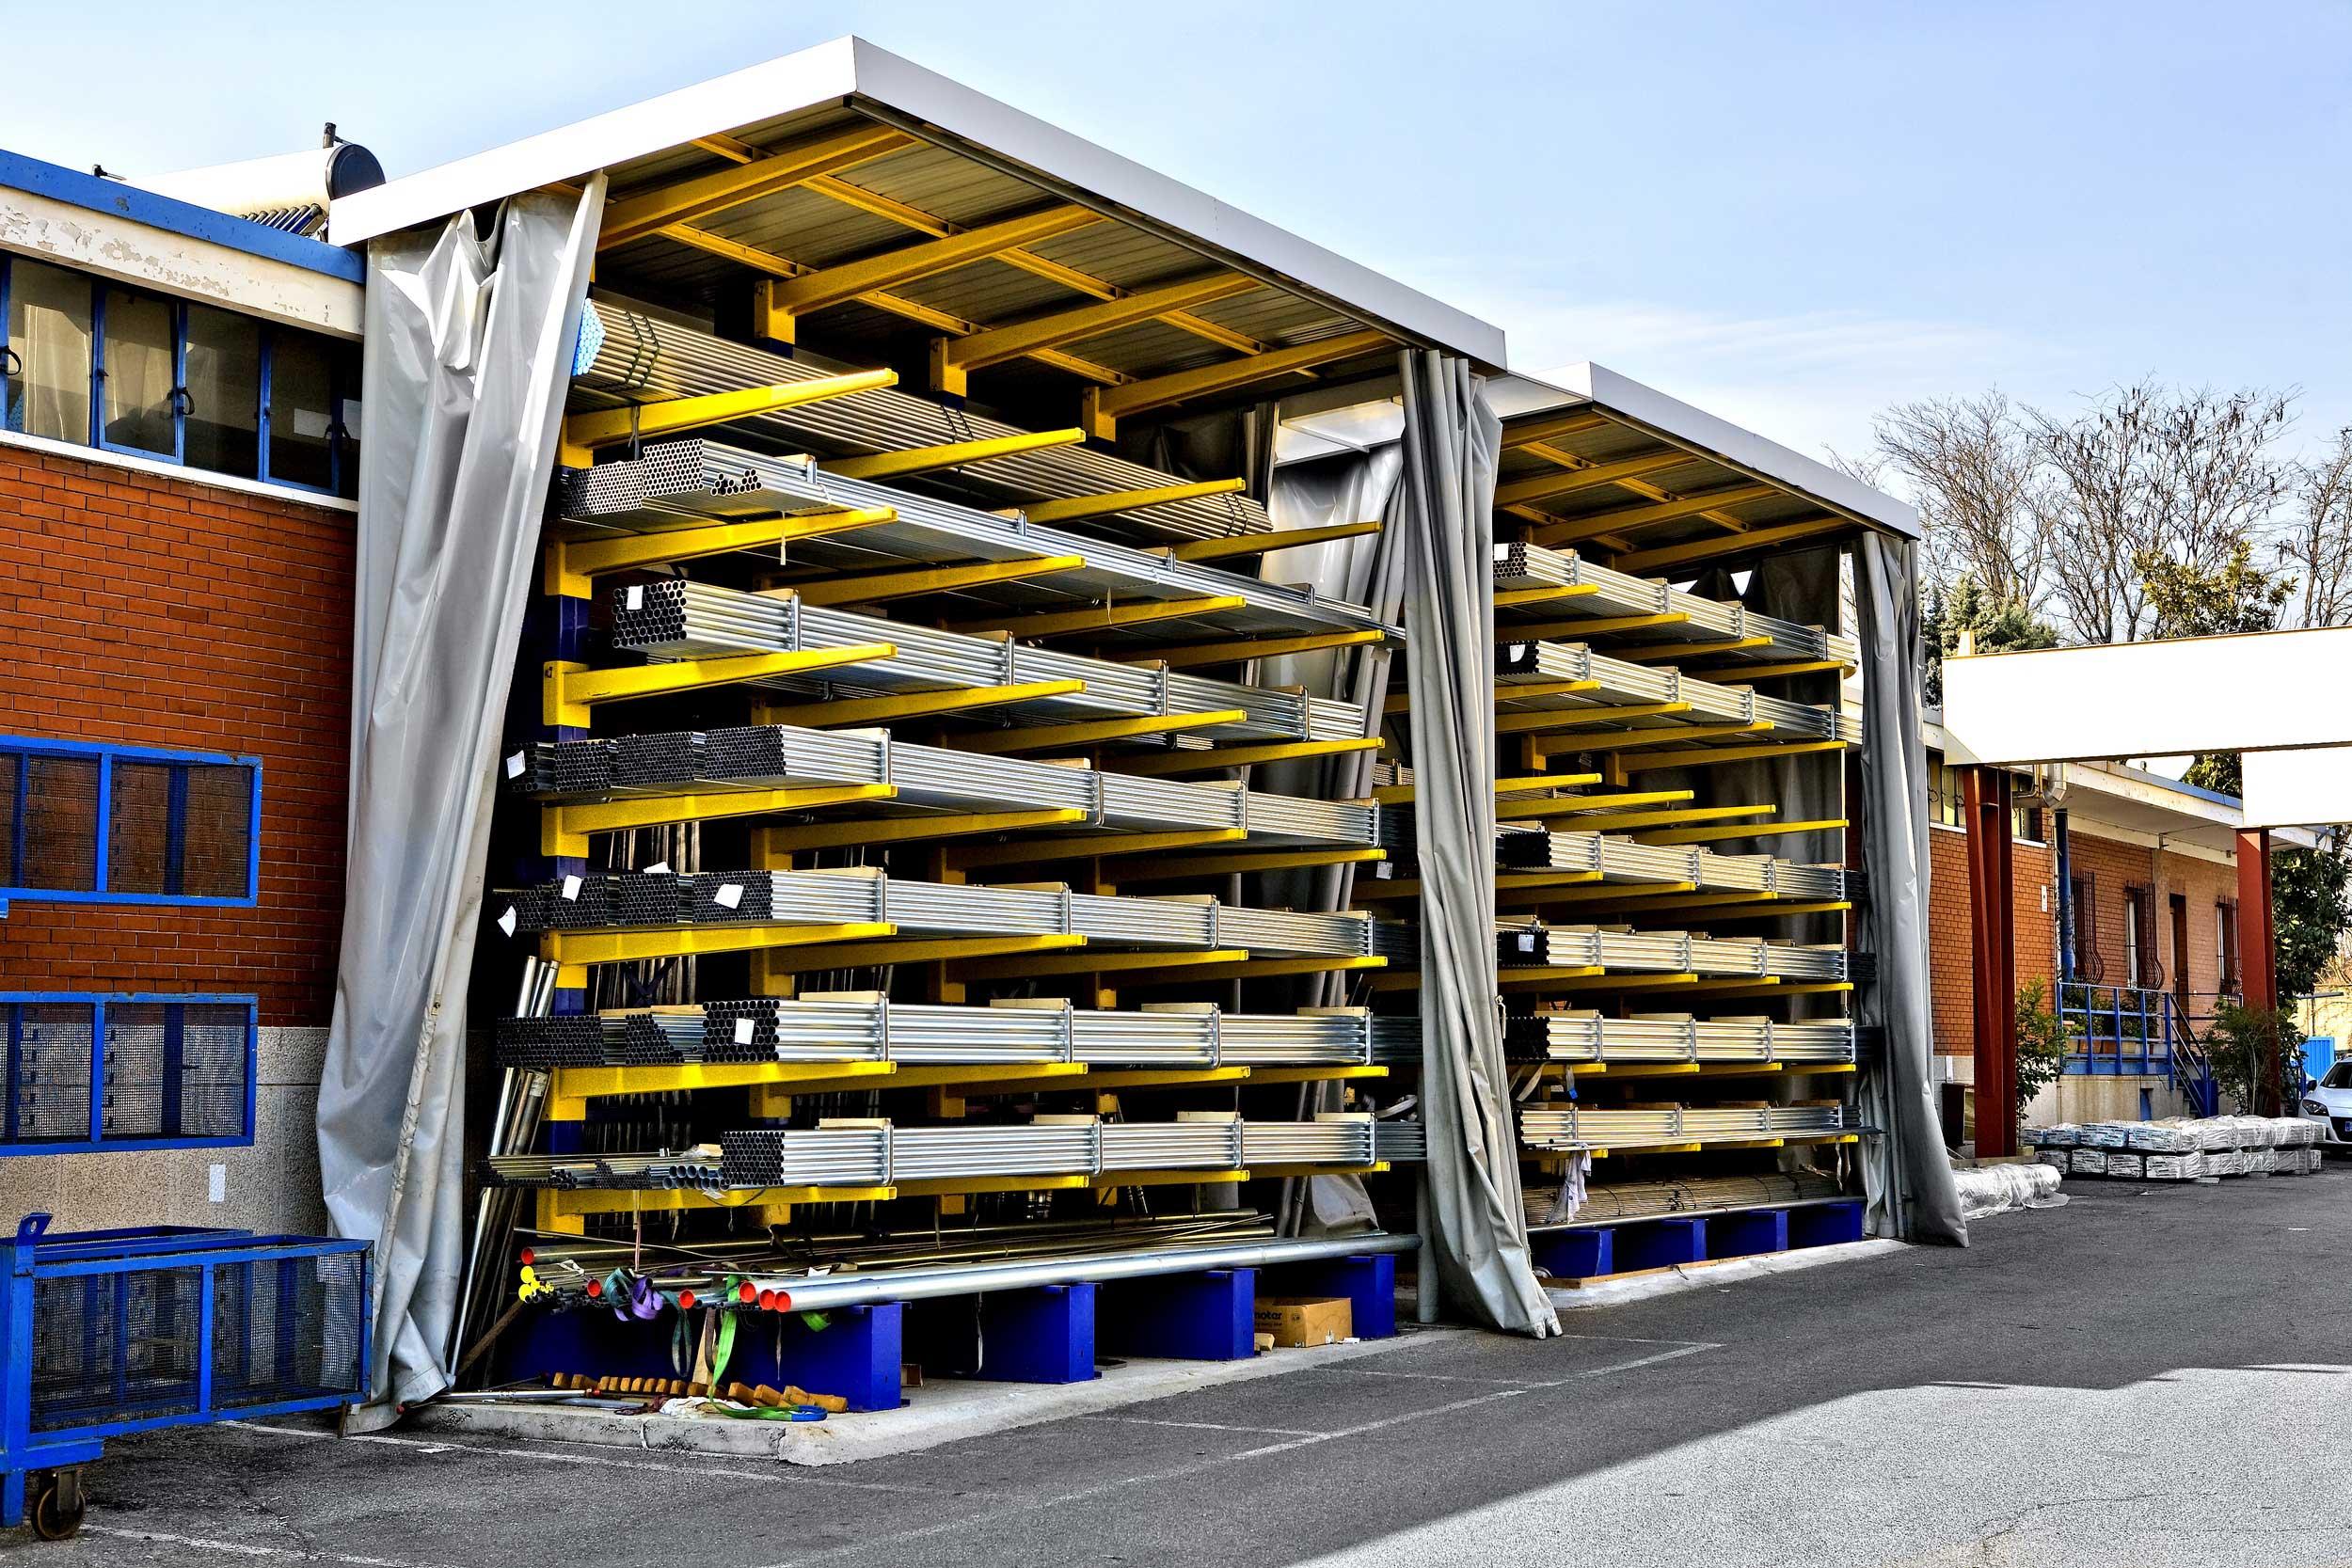 Le scaffalature cantilever Samit sono adatte sia per interno che per esterno grazie alla facile predisposizione alla copertura.